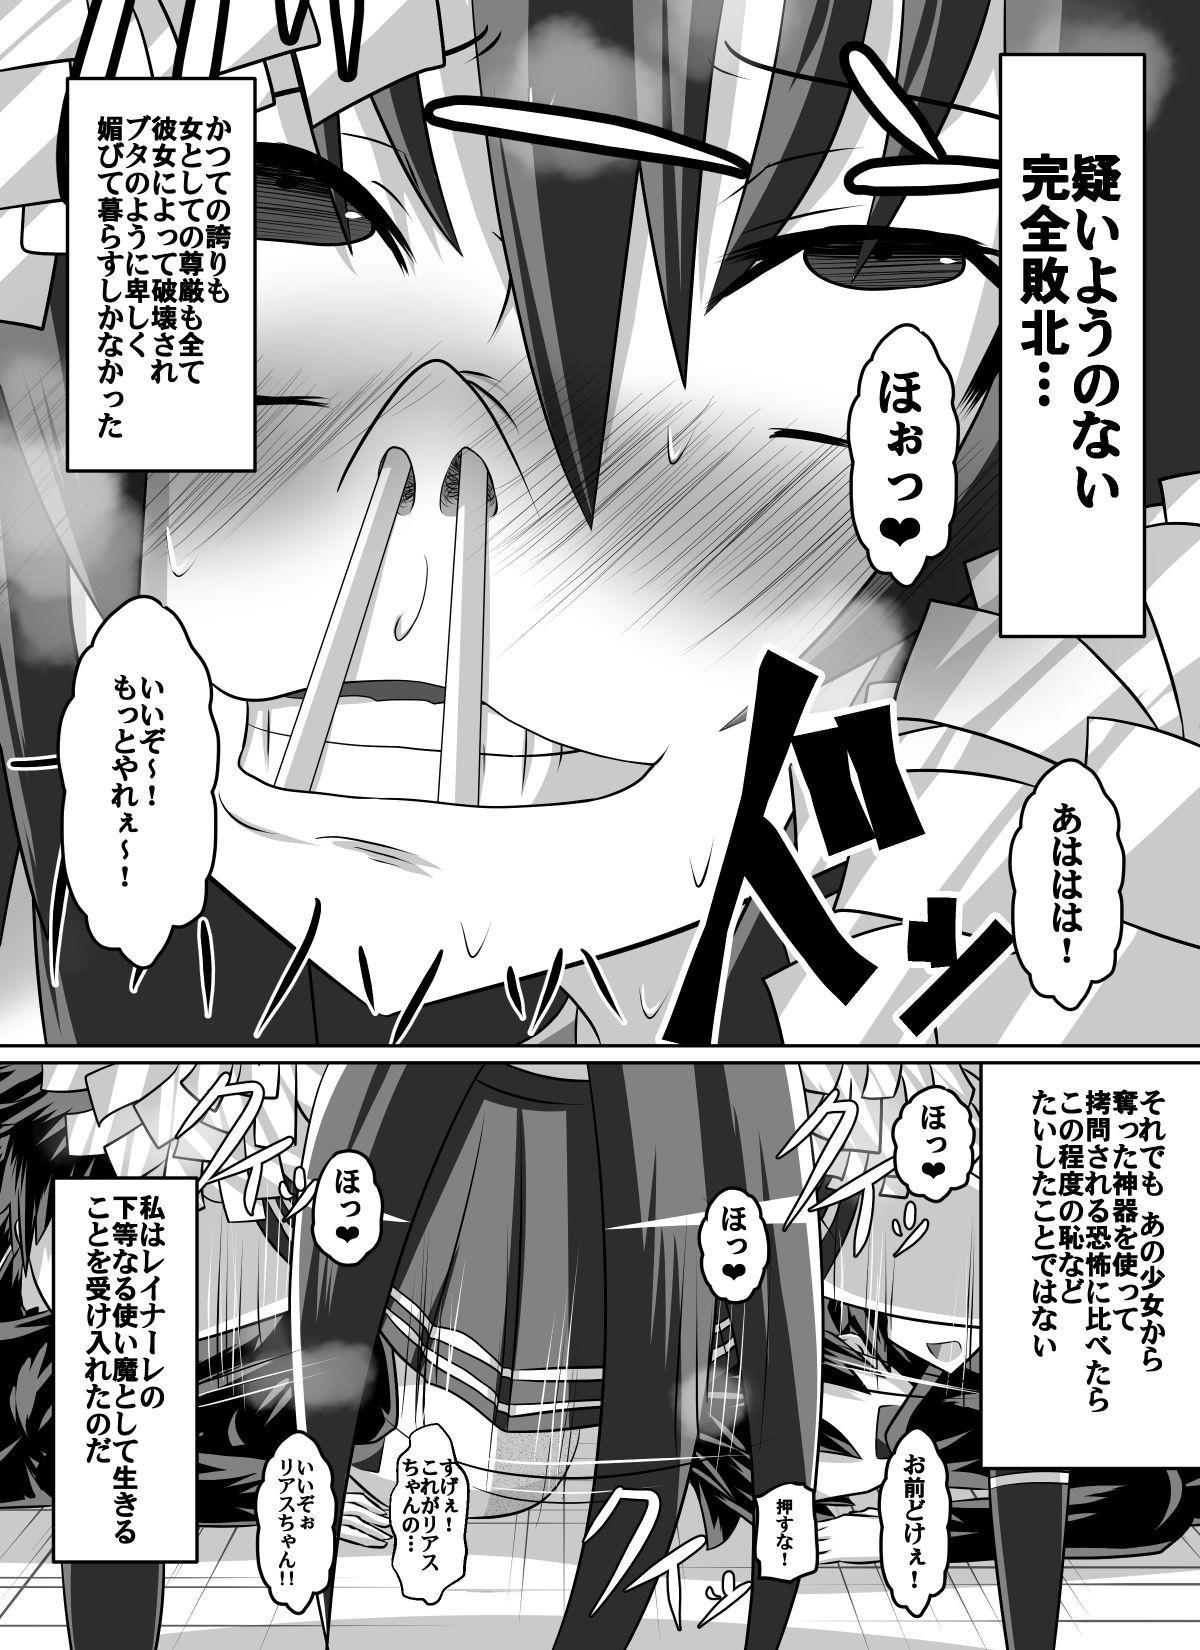 Benigami no Messatsuki ~Teki Onna ni Juurin Sareru Kouketsu Shoujo 58